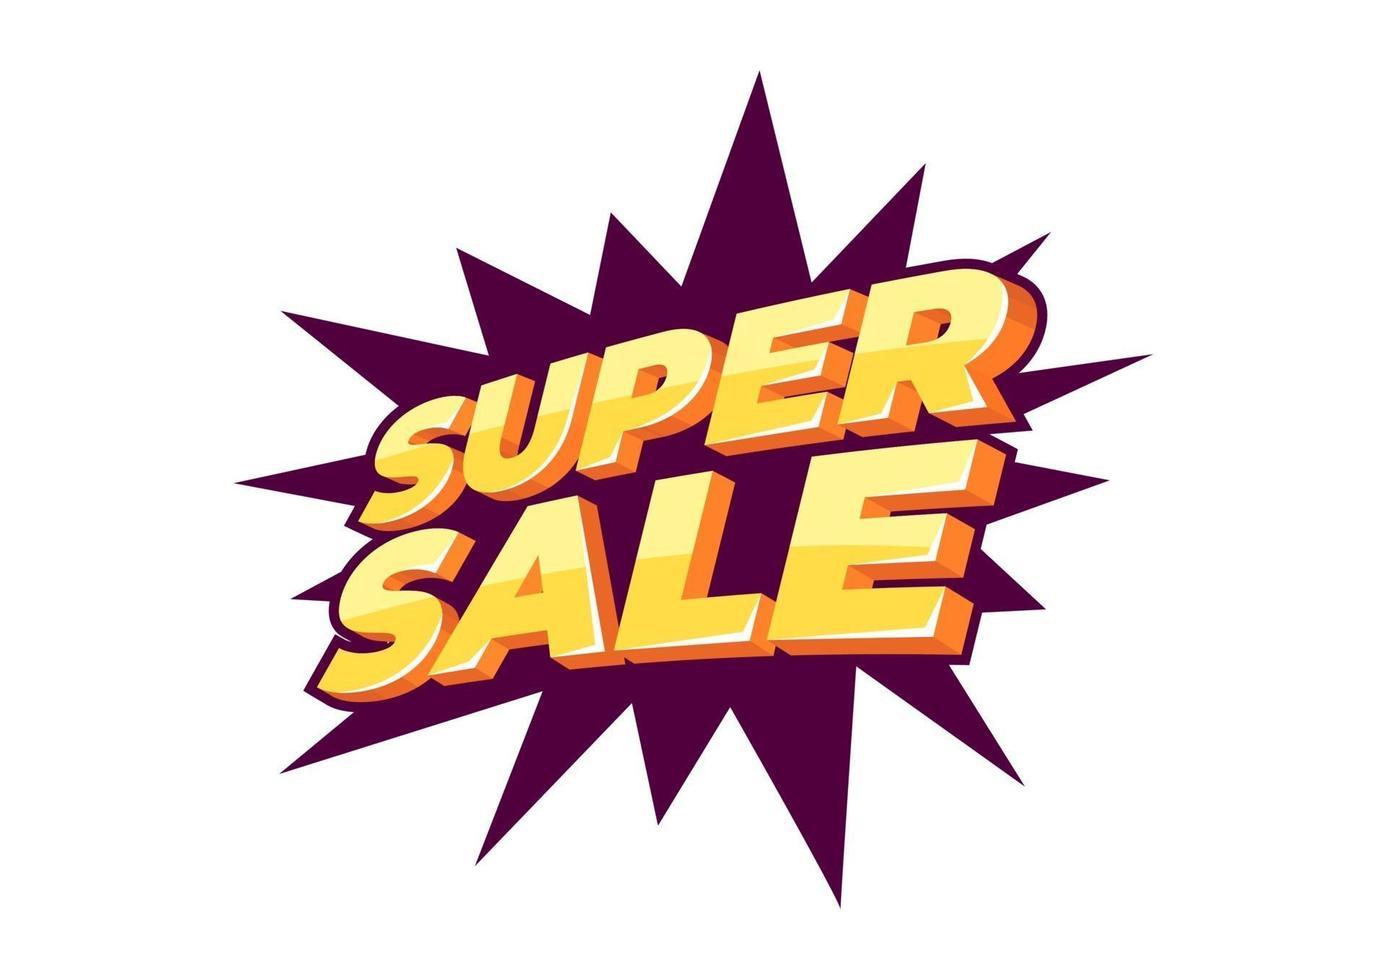 super verkoop banner sjabloonontwerp, grote verkoop speciale aanbieding. einde seizoen speciale aanbieding banner. vector